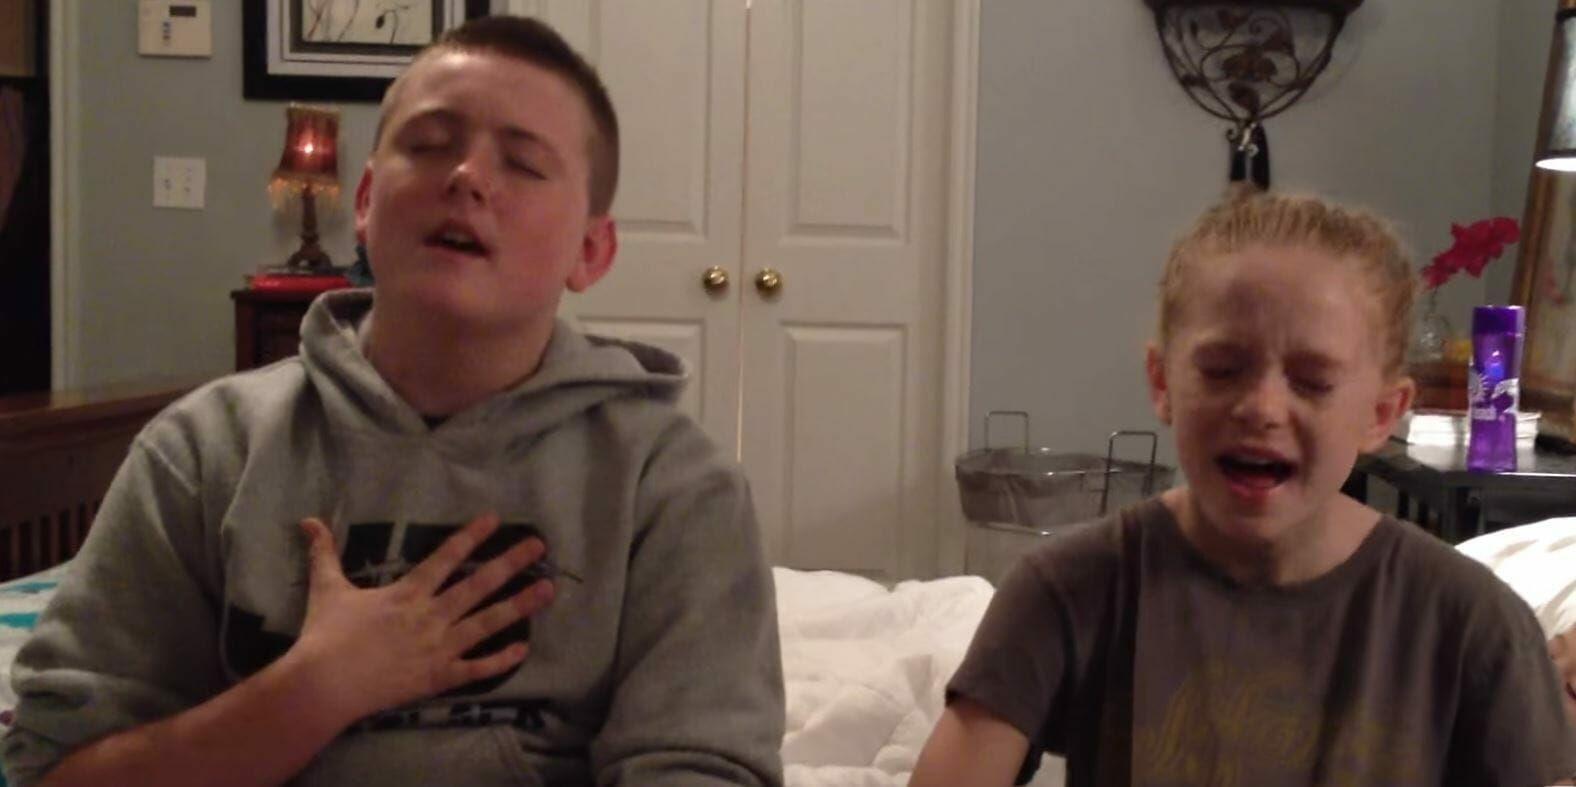 Geschwister singen herzzerreißendes Duett – seht, wer sich heimlich hinter sie schleicht